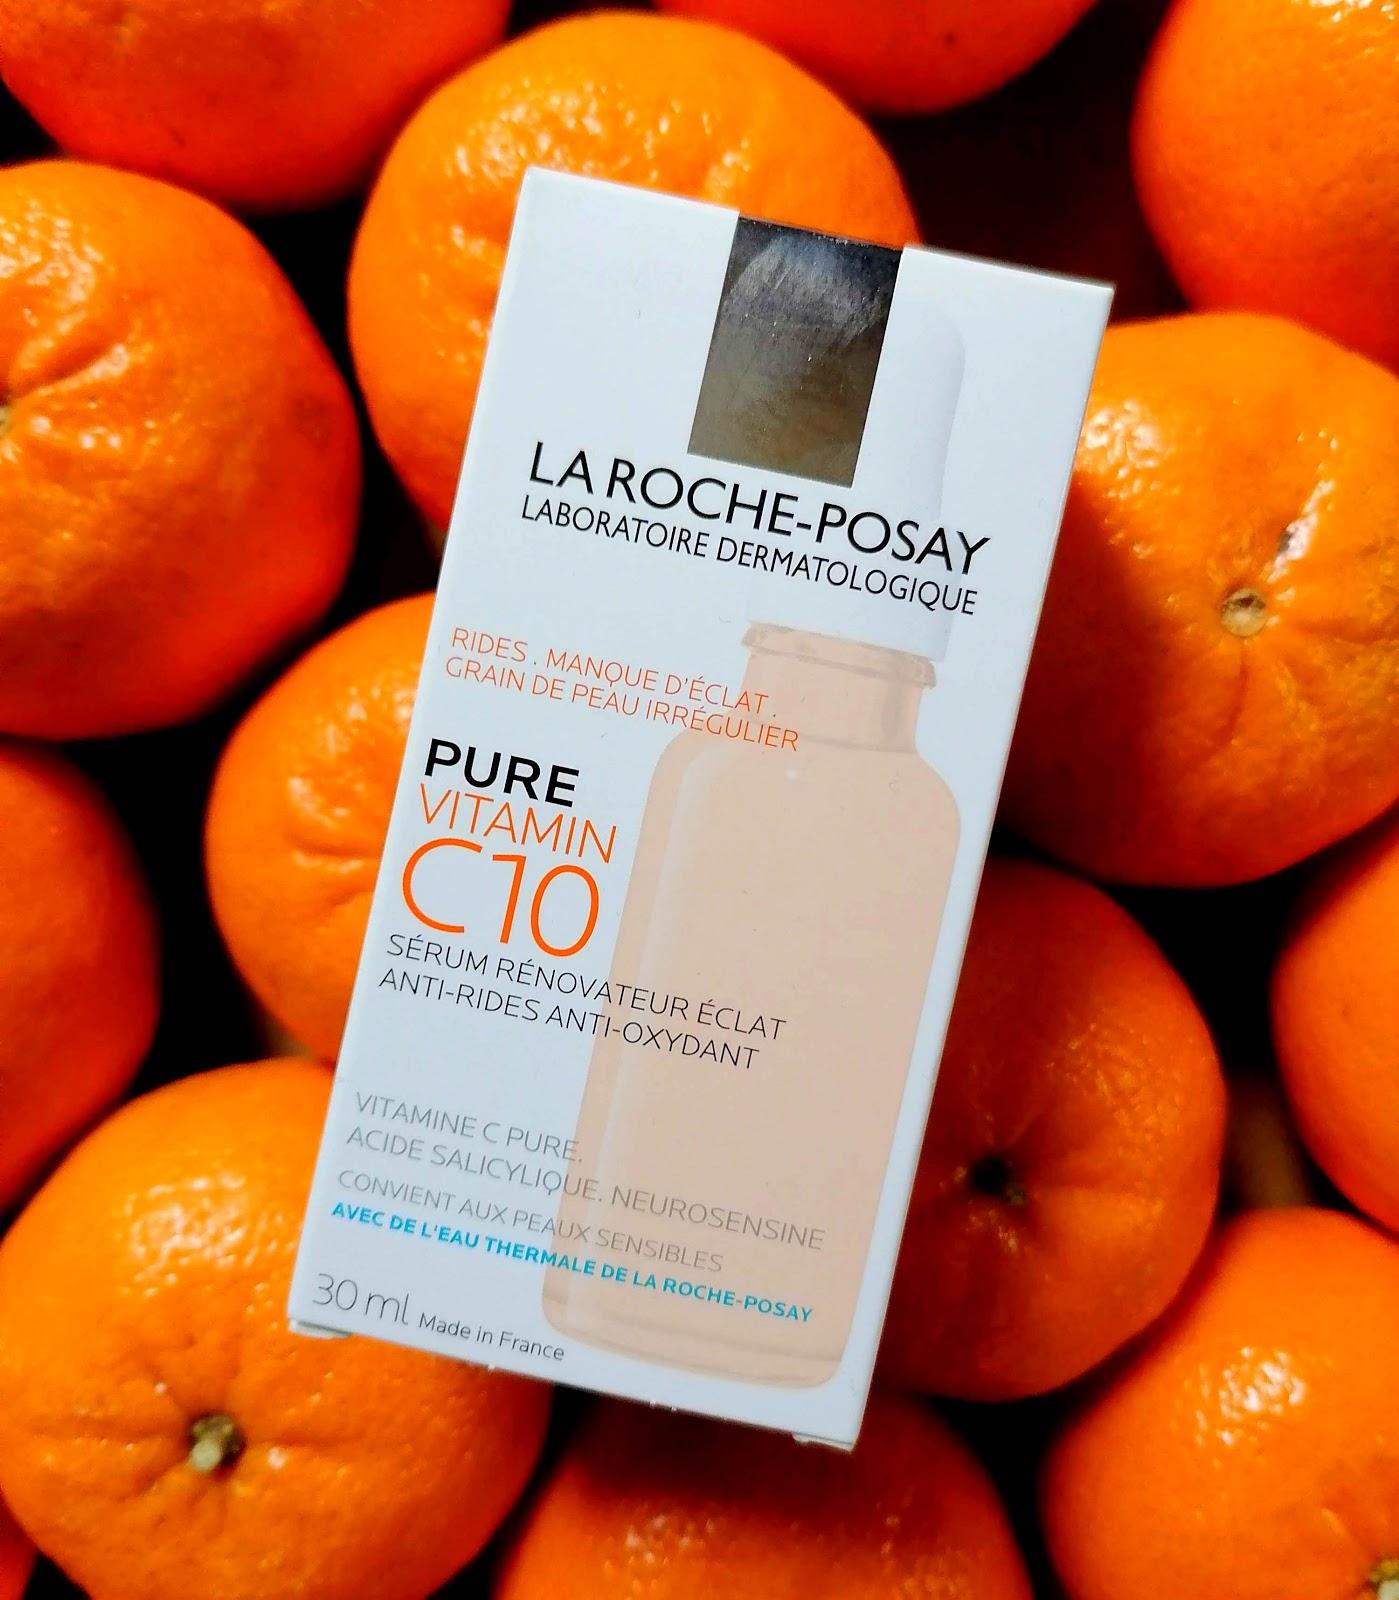 Pure Vitamin C10 LA ROCHE-POSAY : un shot de vitamine C pour booster l'éclat de la peau!